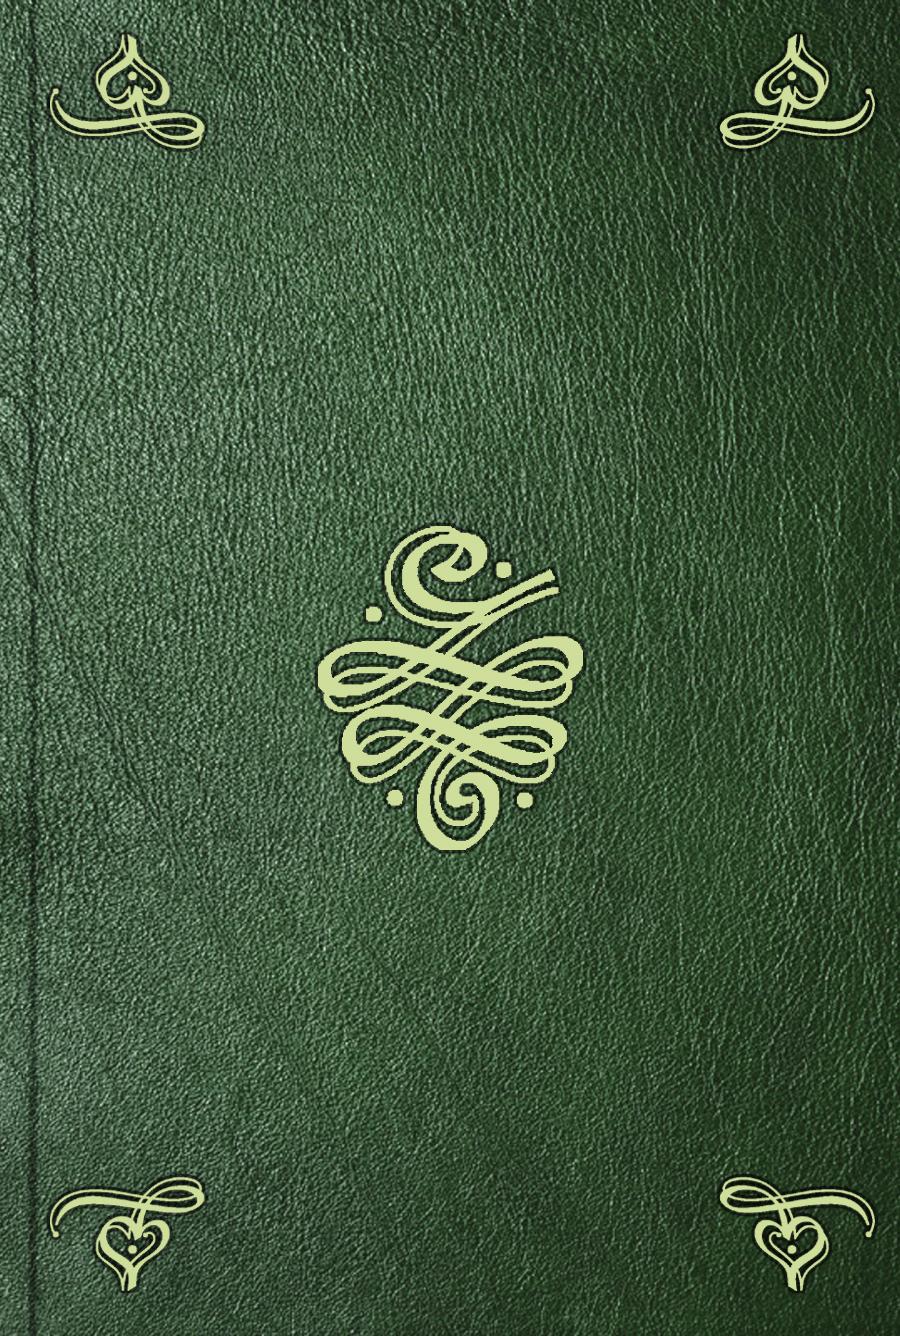 Charles Bonnet Oeuvres d'histoire naturelle et de philosophie. T. 2 charles bonnet oeuvres d histoire naturelle et de philosophie t 16